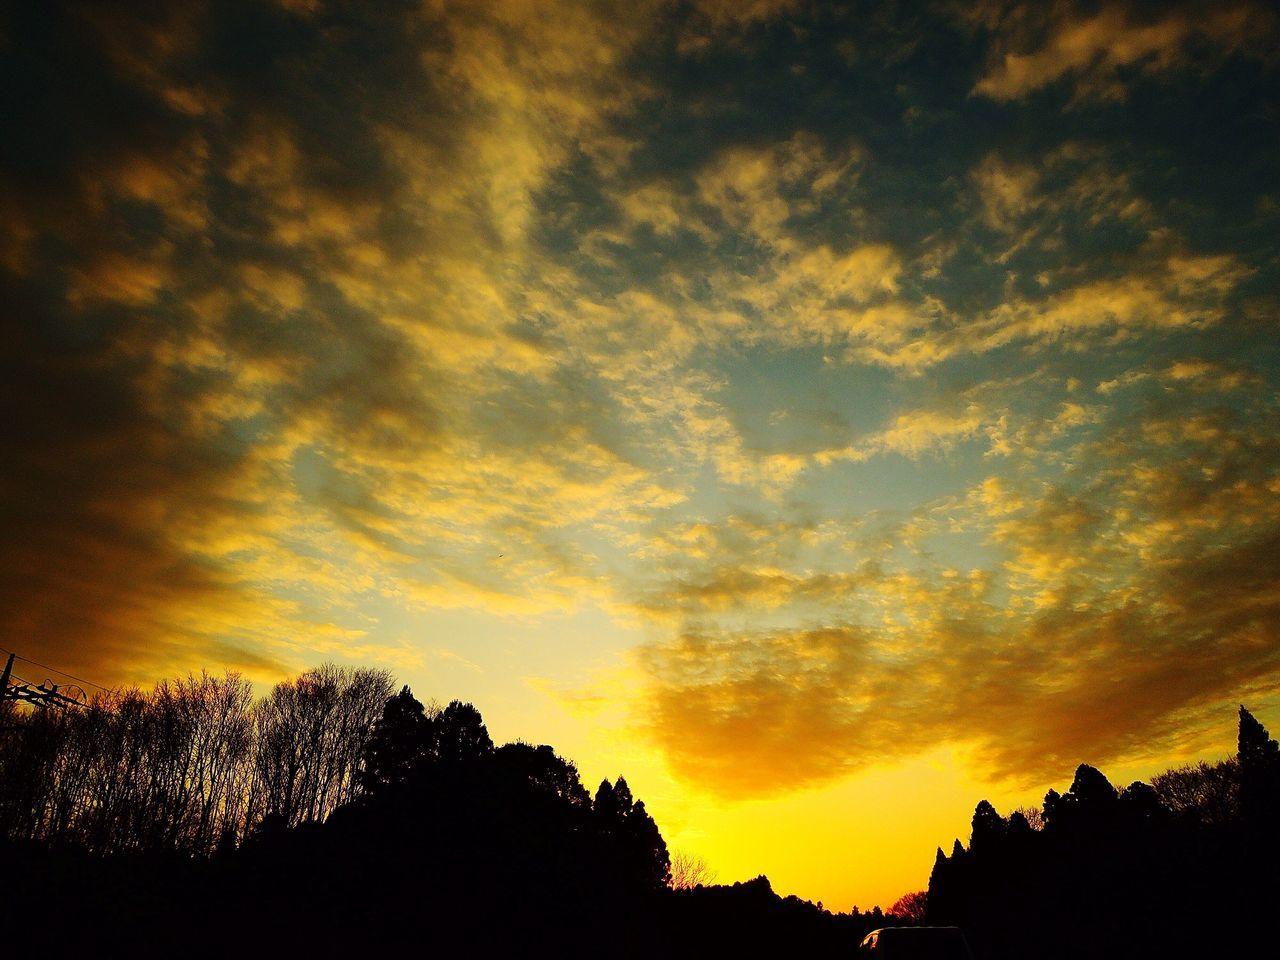 おつかれさま。 Sunset おつかれさま Twilight Afterglow 夕暮れ時 NikonP330